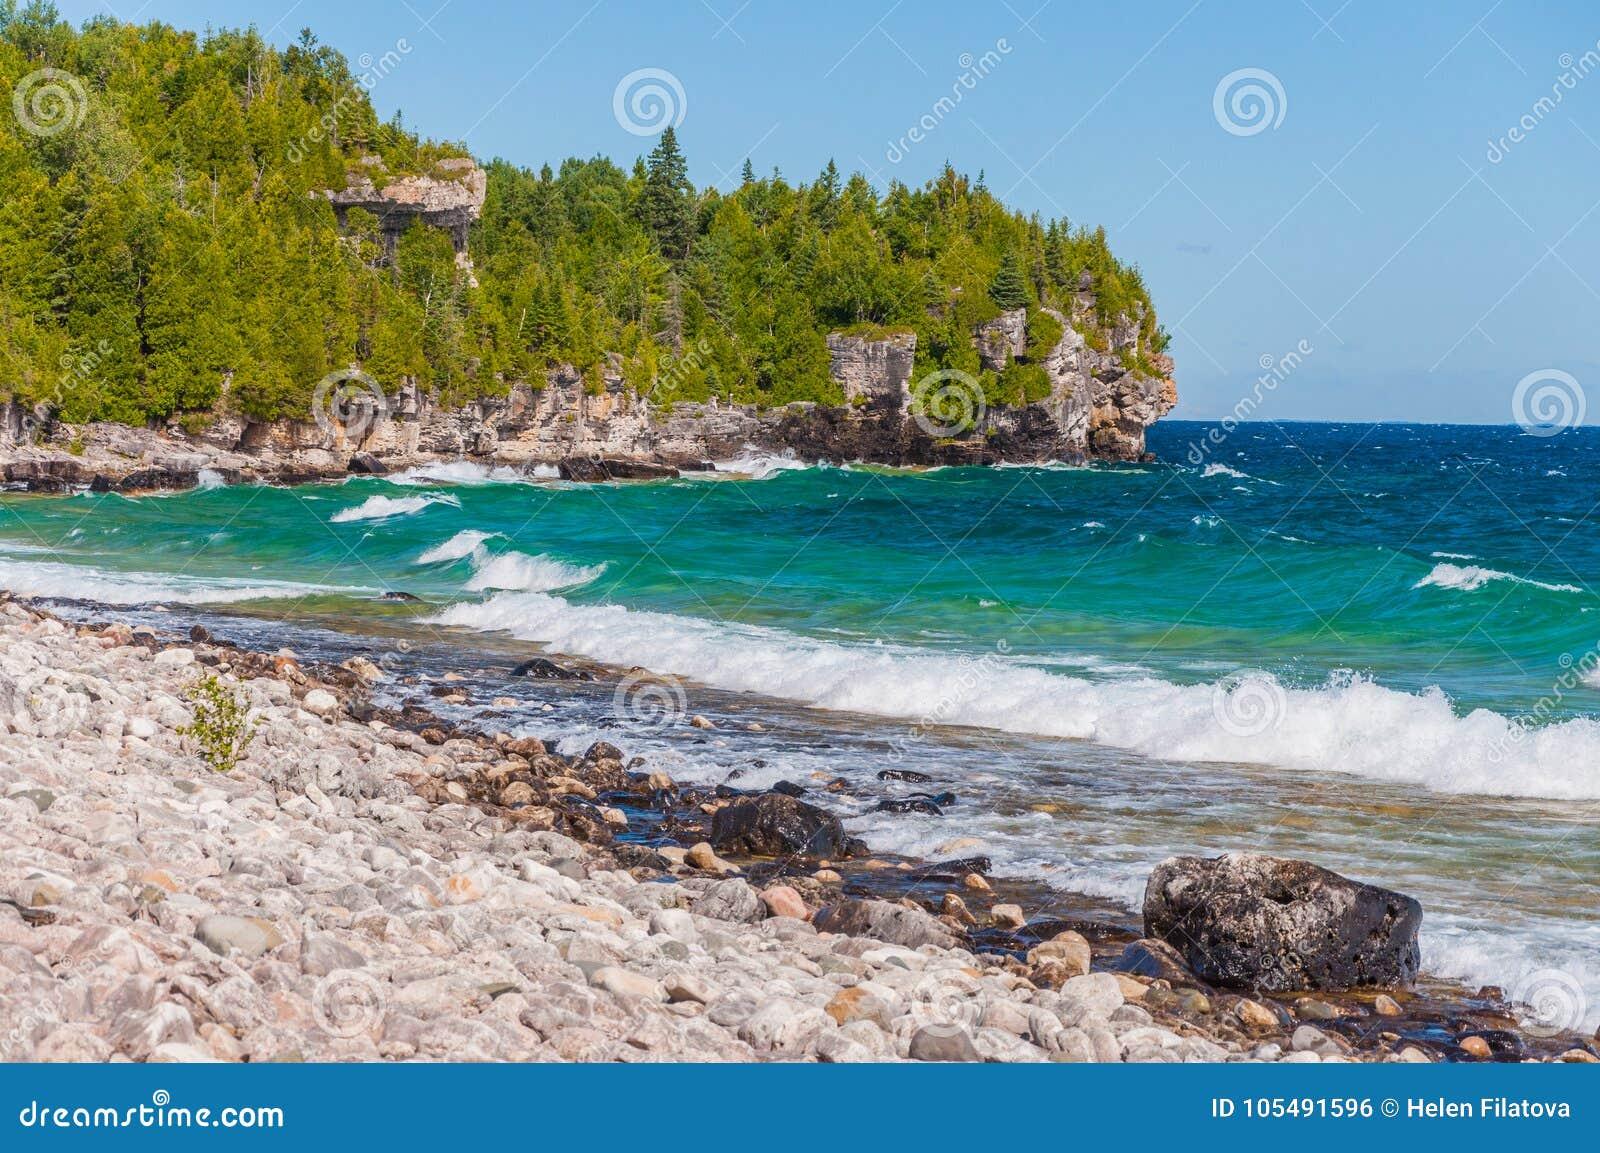 O Lago Huron em Bruce Peninsula National Park, Ontário, Canadá